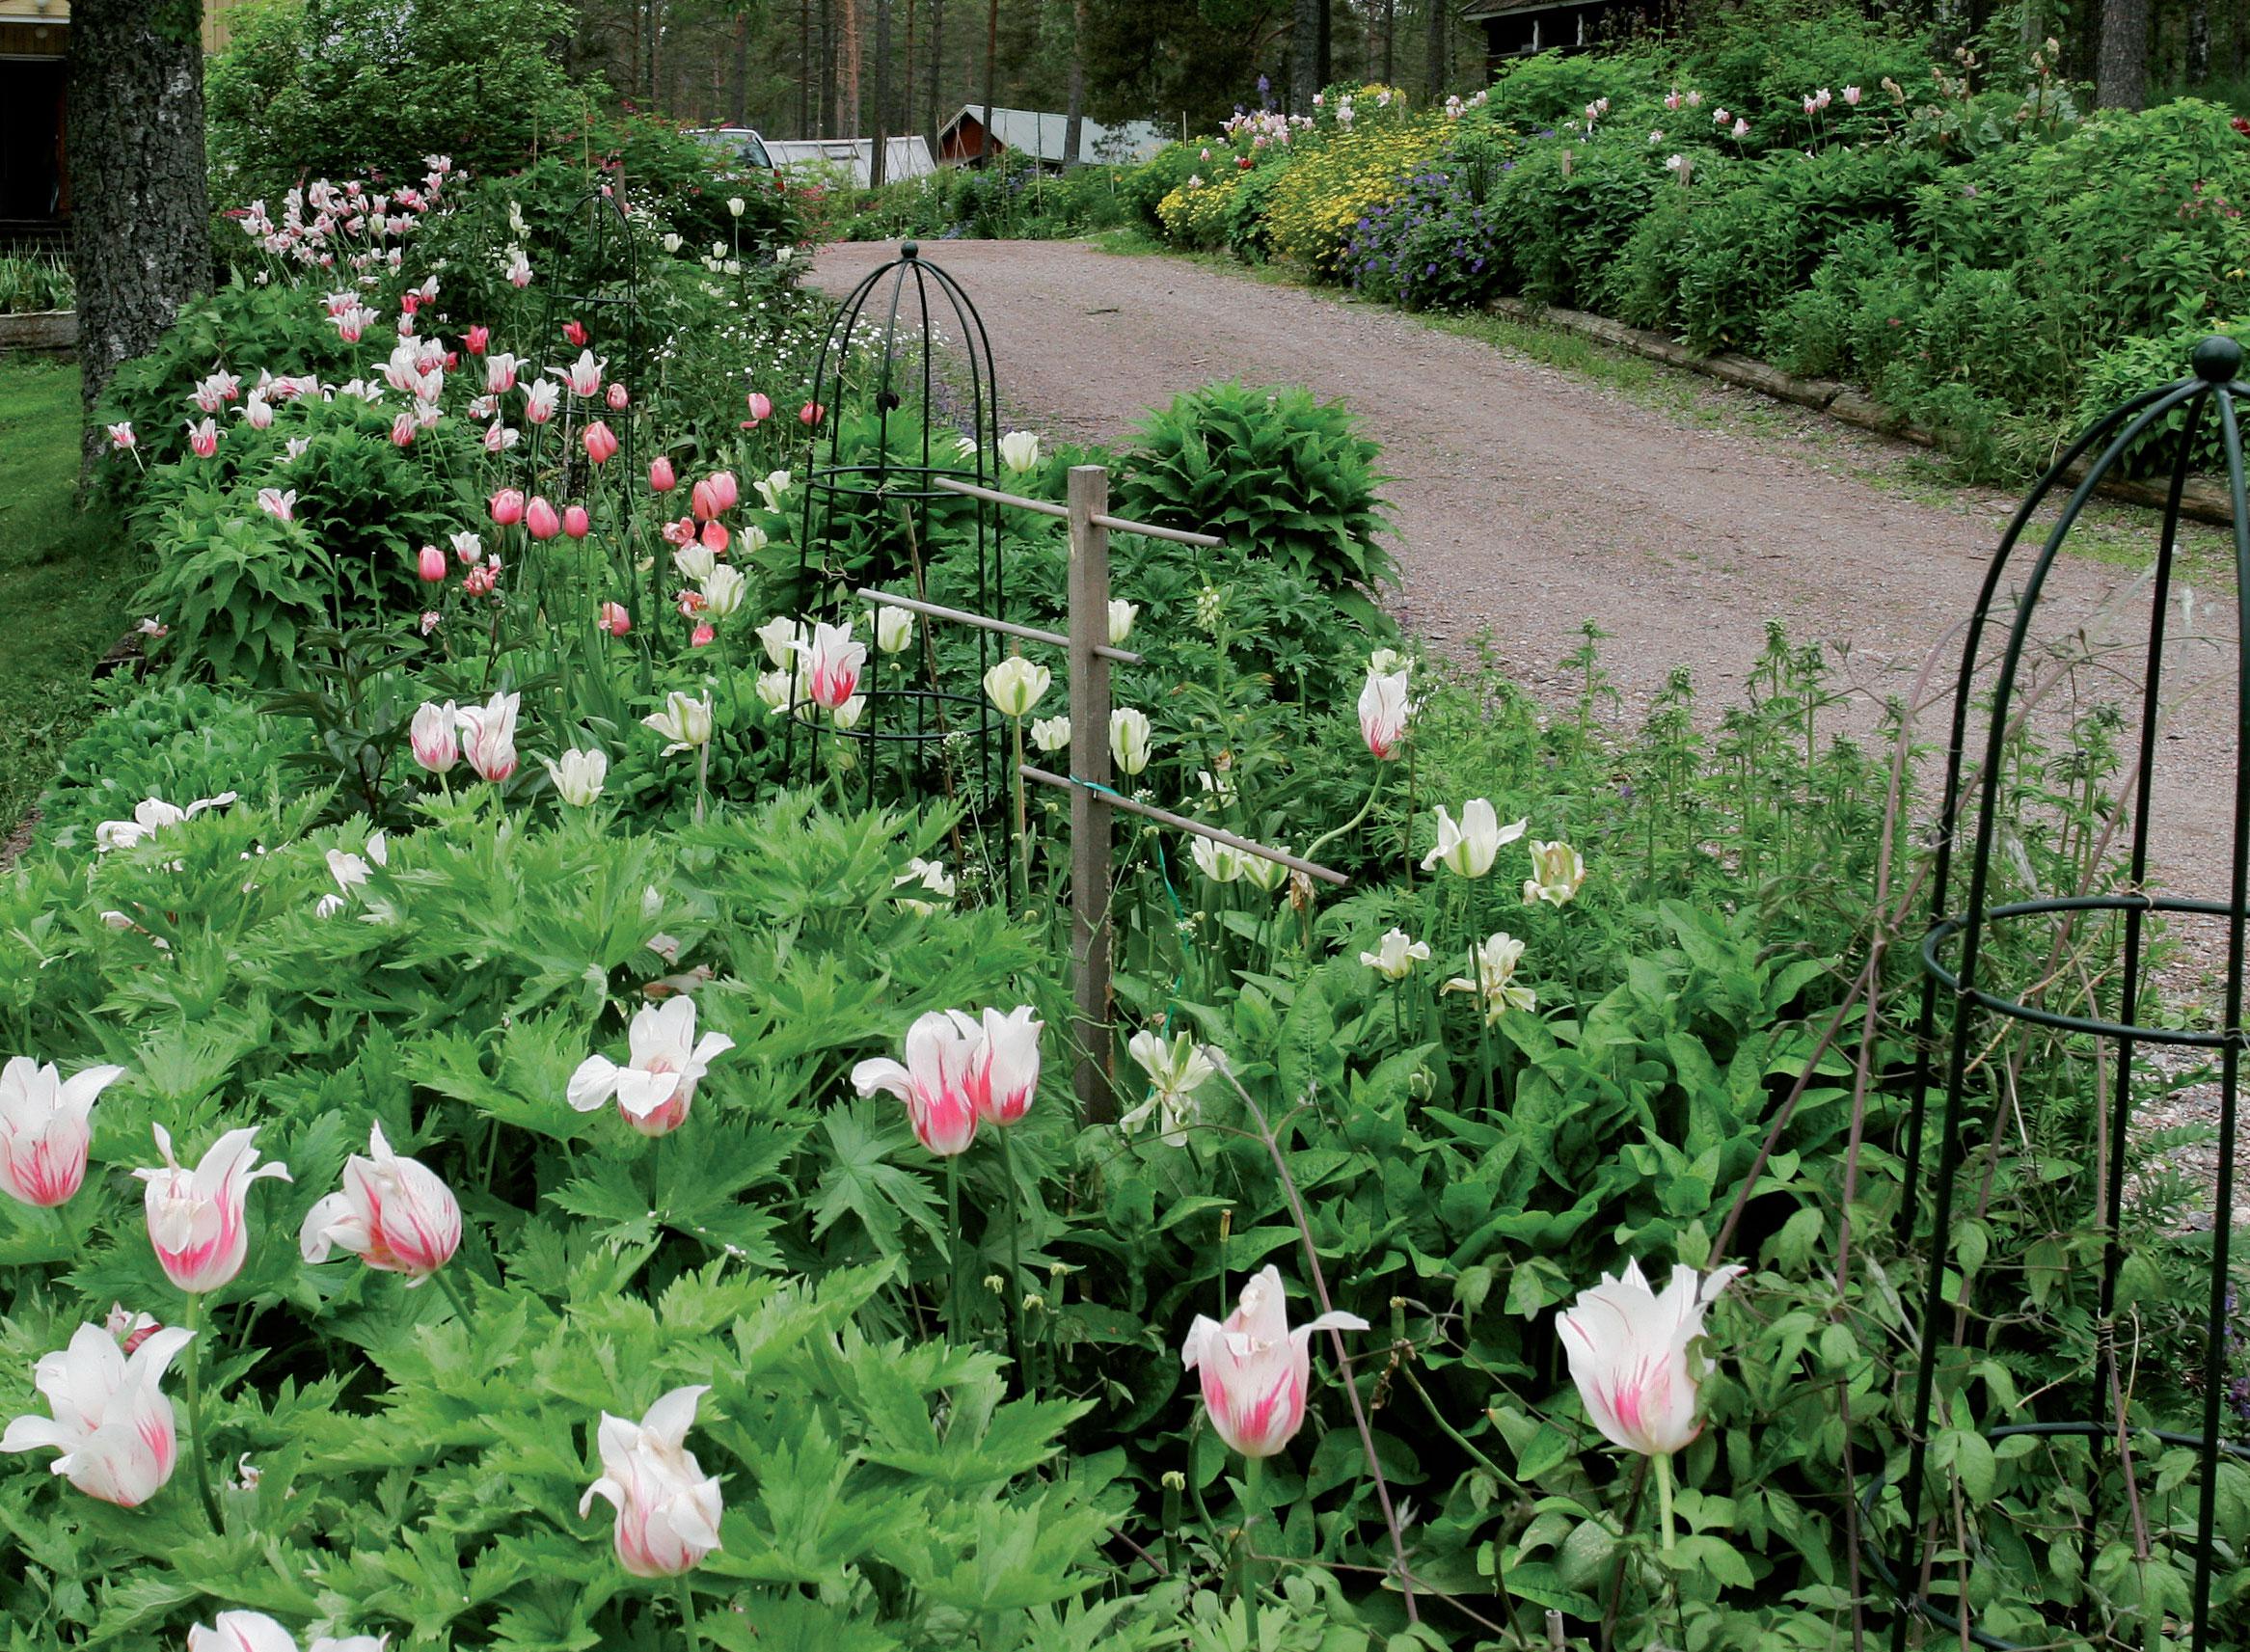 Nurmikon päälle perustettu kohopenkki on rehevä jo seuraavana vuonna perustamisesta, kun siihen istutetaan isokokoisia, peittäviä kasveja